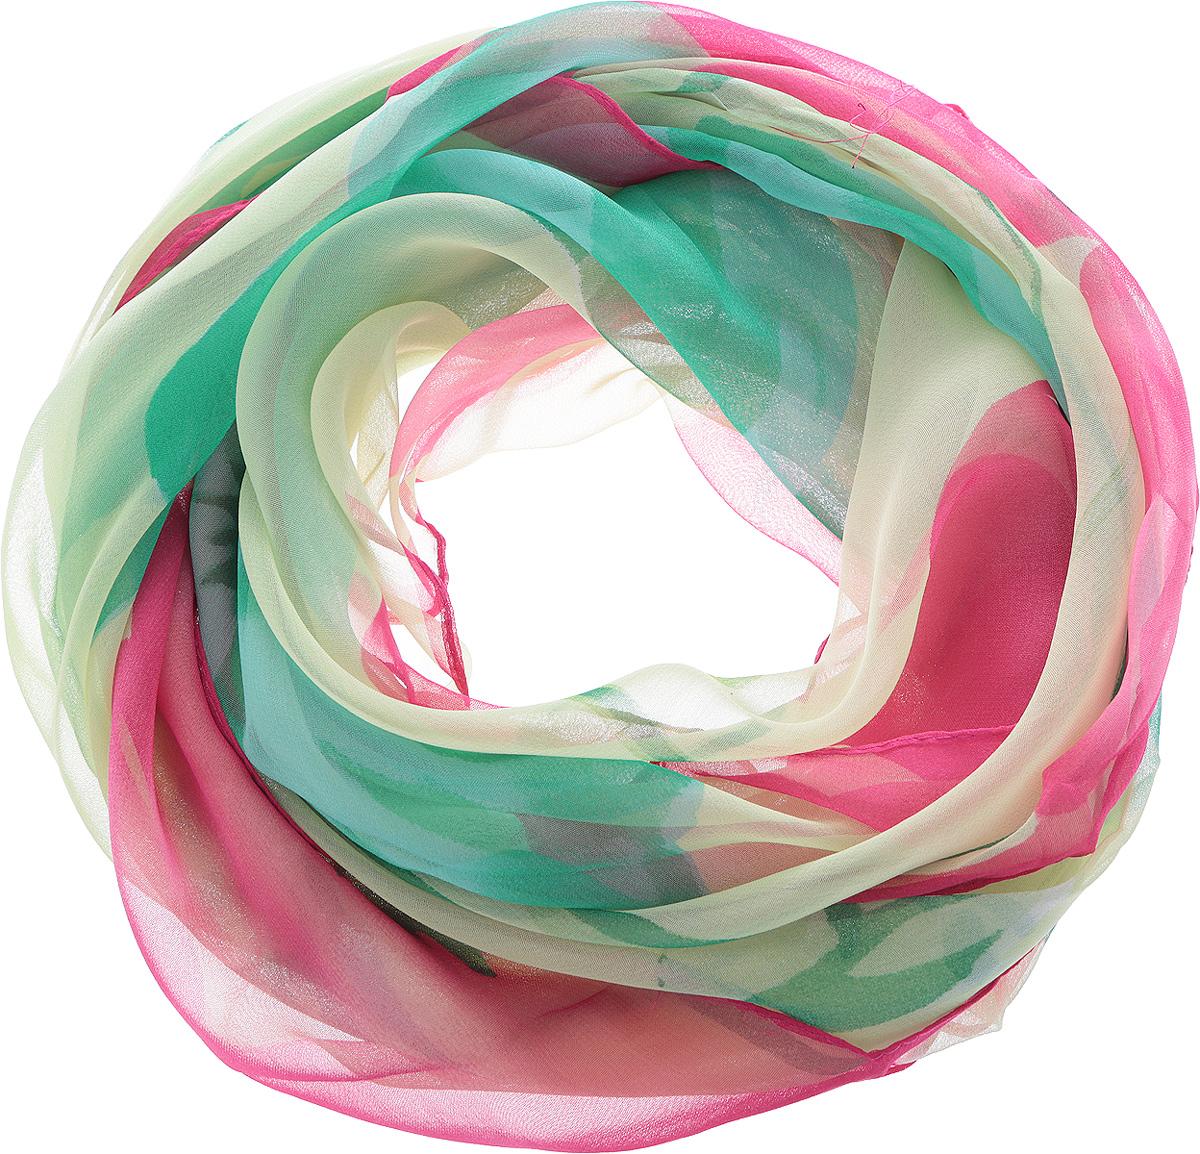 ШарфYY-11559-13Элегантный шарф Sophie Ramage изготовлен из натурального шелка, позволит вам создать неповторимый и запоминающийся образ. Легкий и полупрозрачный шарф оформлен оригинальным цветочным принтом. Шарф красиво драпируется, он превосходно дополнит любой наряд и подчеркнет ваш изысканный вкус. Модный и изящный шарф Sophie Ramage привнесет в ваш образ утонченность и шарм.